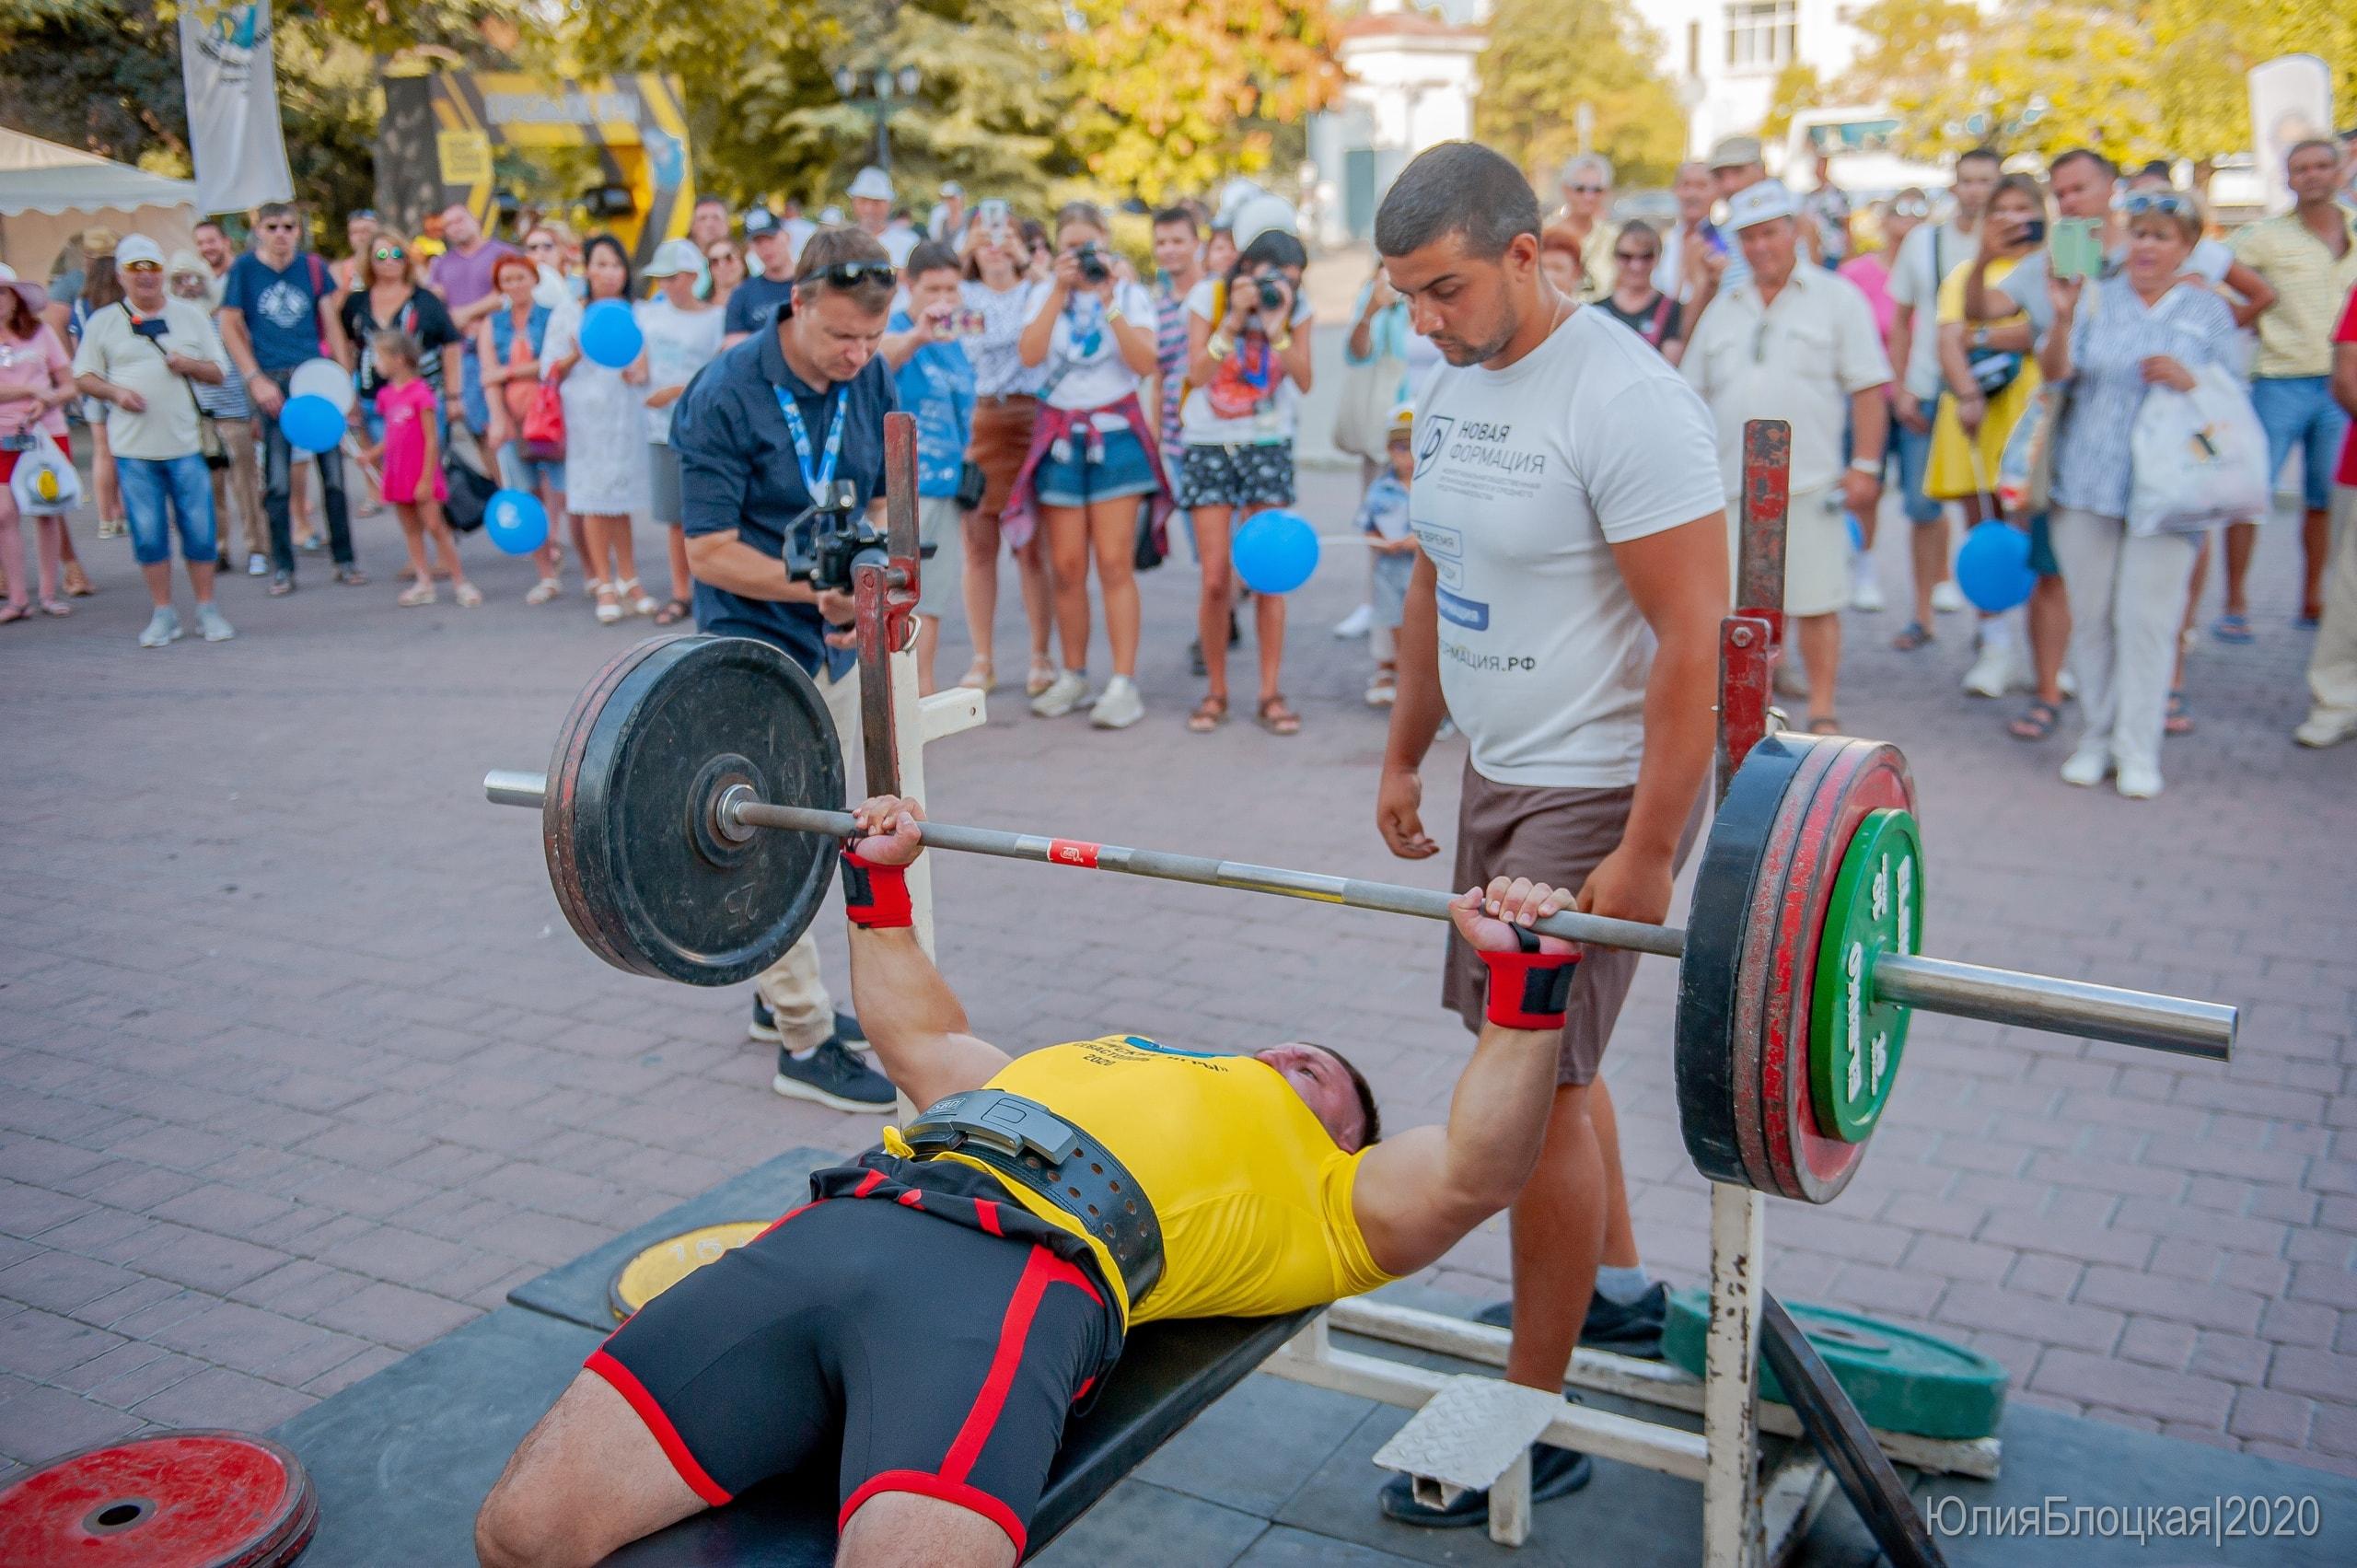 Евразийские игры 2020 года в Севастополе